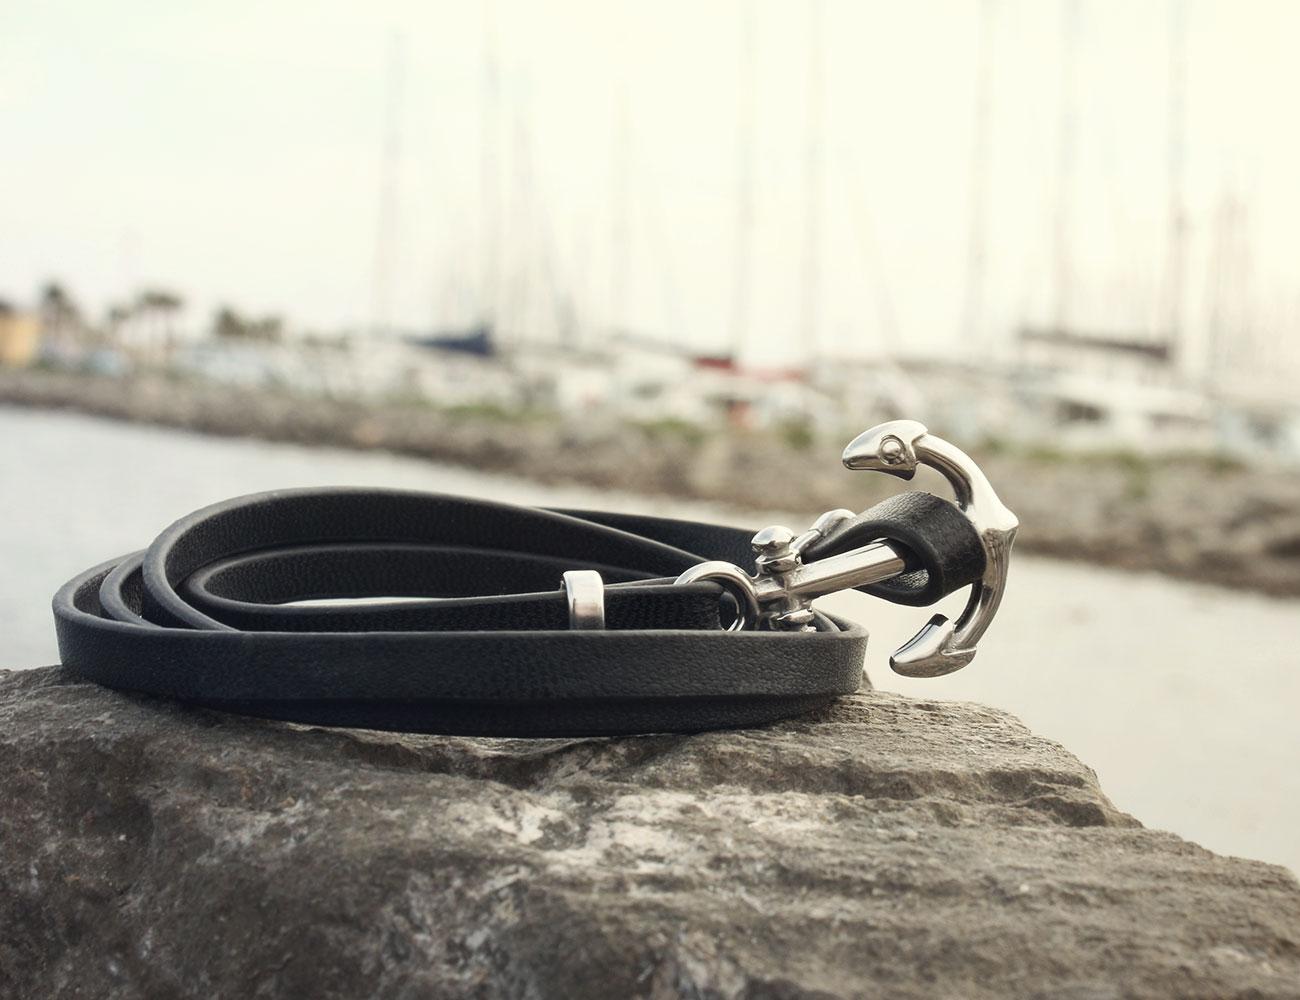 bracelet chic en cuir avec une ancre de marine. Black Bedroom Furniture Sets. Home Design Ideas